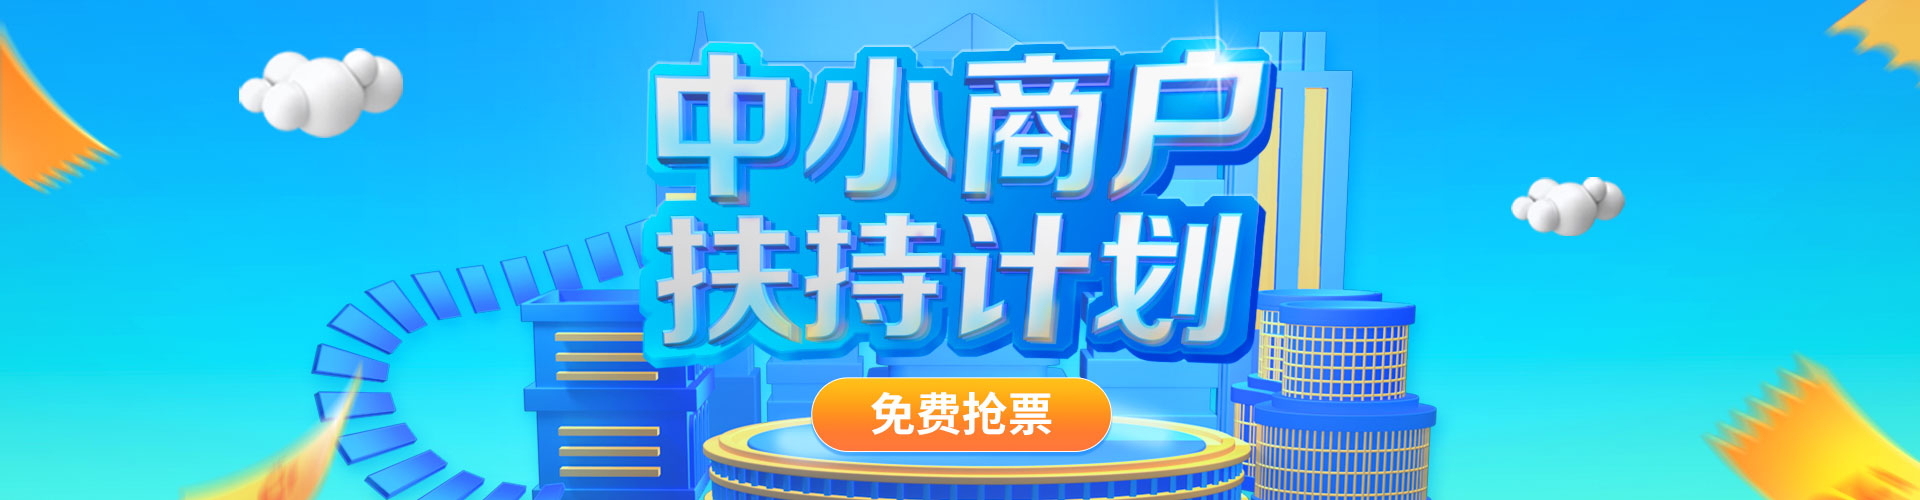 58同城|【百万曝光】中小商户扶持计划